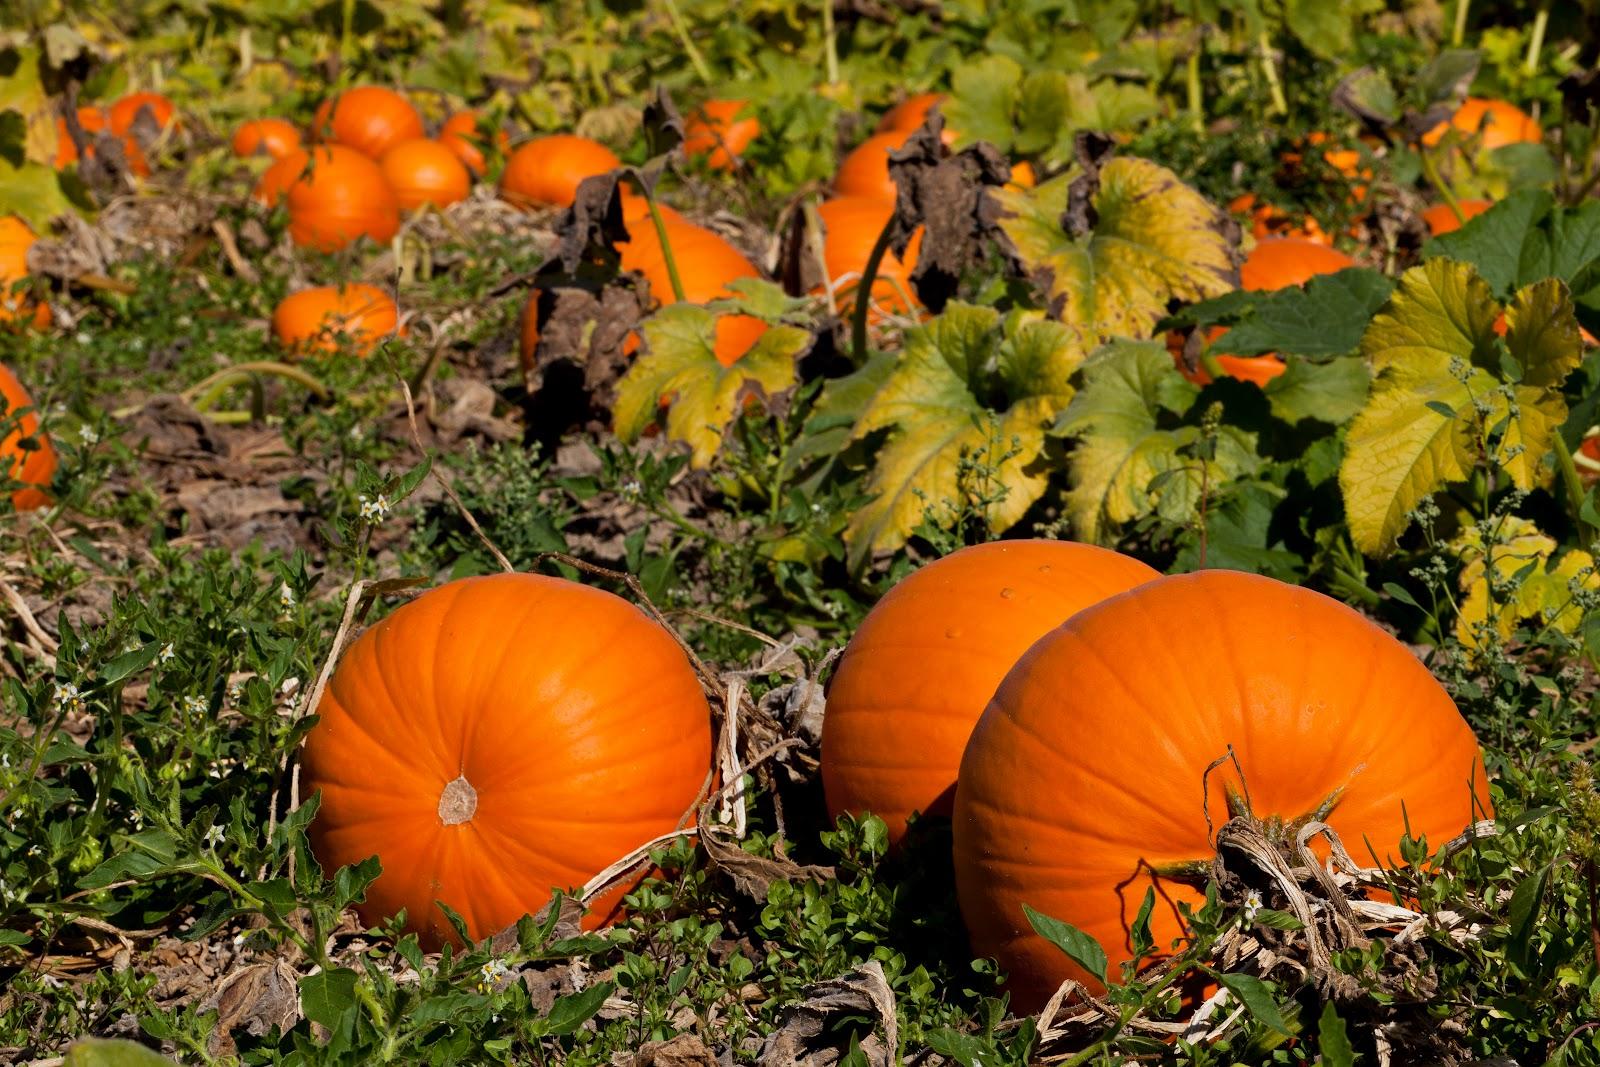 Dru stefan stone october 2012 pumpkin patch desktop wallpaper photography desktopwallpaper - Fall wallpaper pumpkins ...